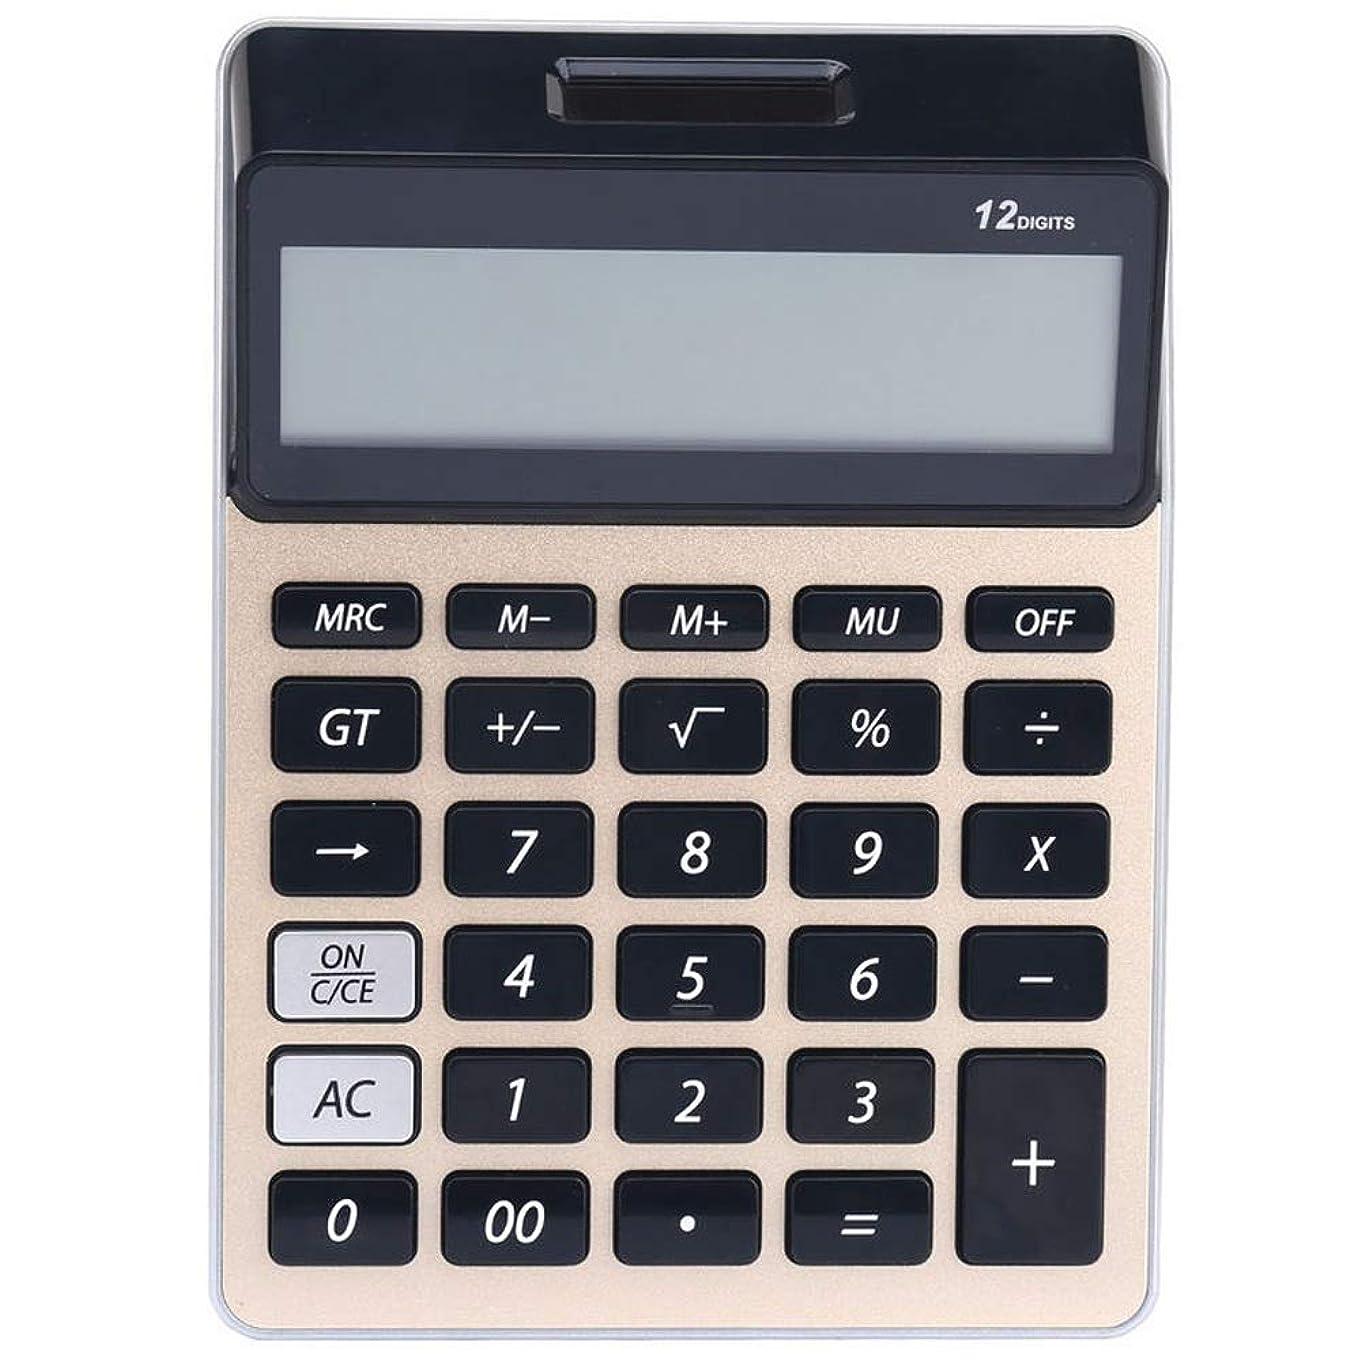 チョップ受益者例電卓 12桁の大型ディスプレイ、太陽電池のLCDディスプレイオフィス電卓と電卓電卓電卓 ビジネス電卓 (色 : ゴールド)